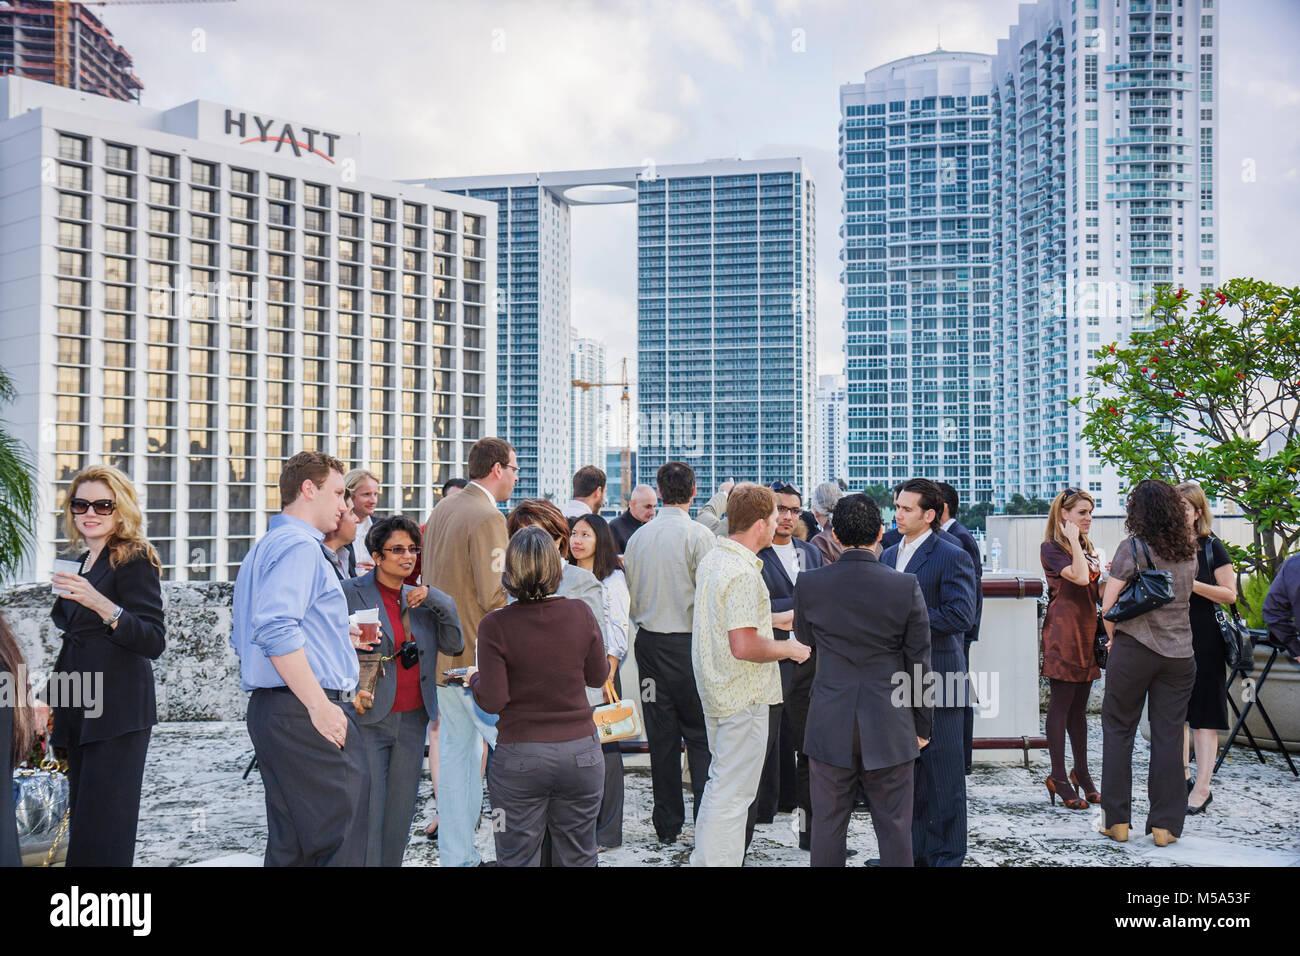 Accueil professionnel réseau hommes femmes Hyatt Hotel des tours d'immeubles en copropriété Photo Stock